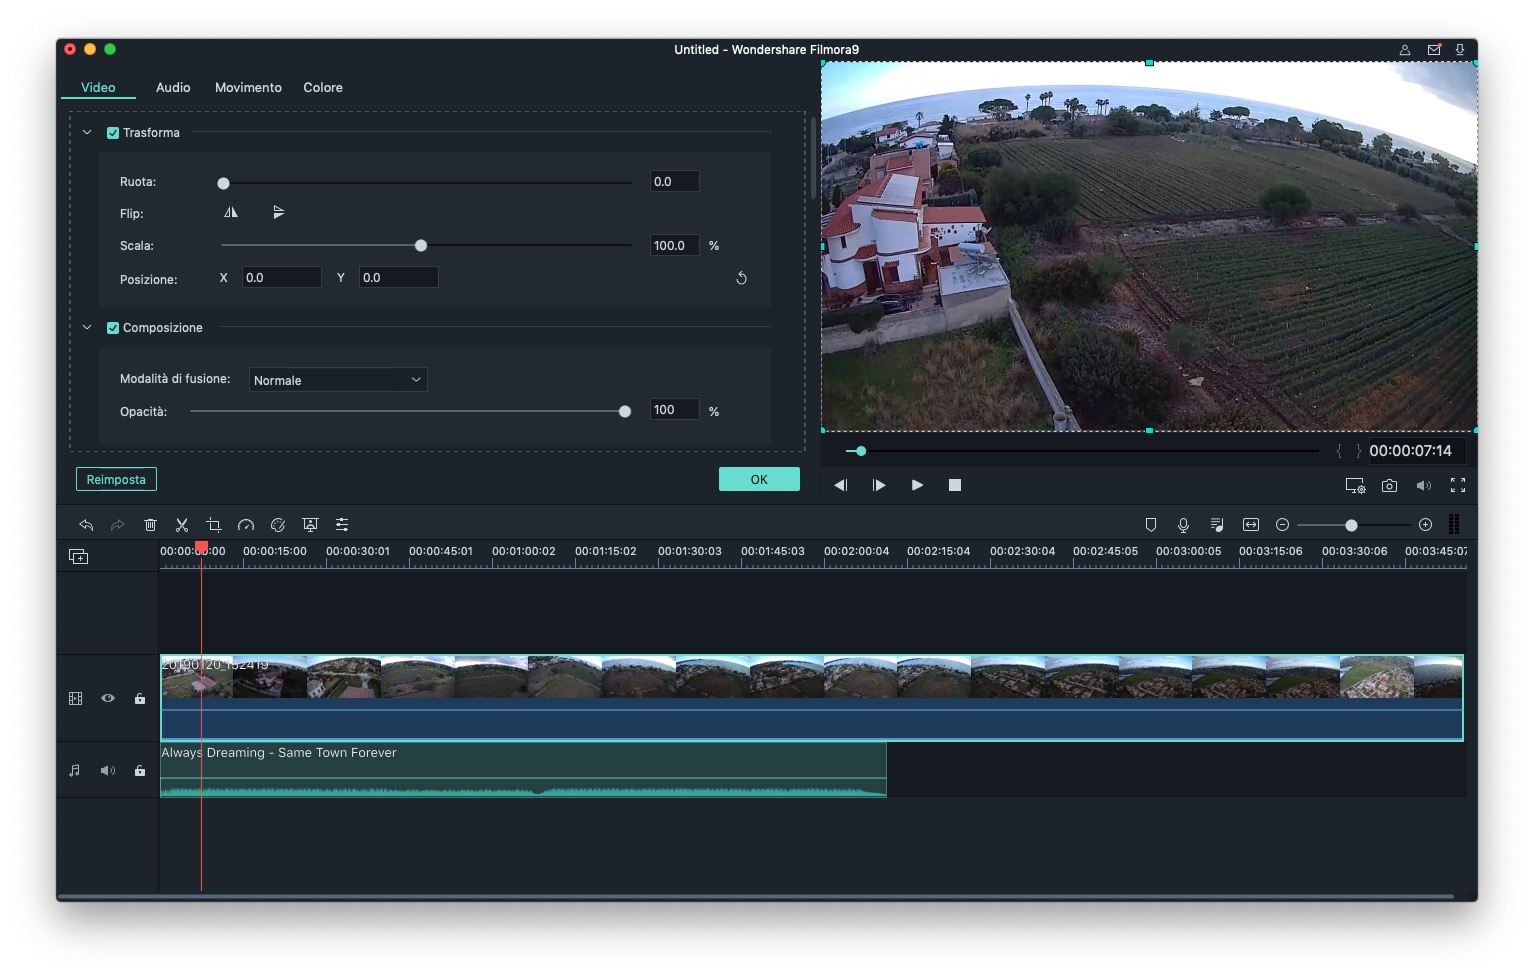 Recensione Filmora Video Editor, l'alternativa iMovie Mac e PC economica e semplice da usare